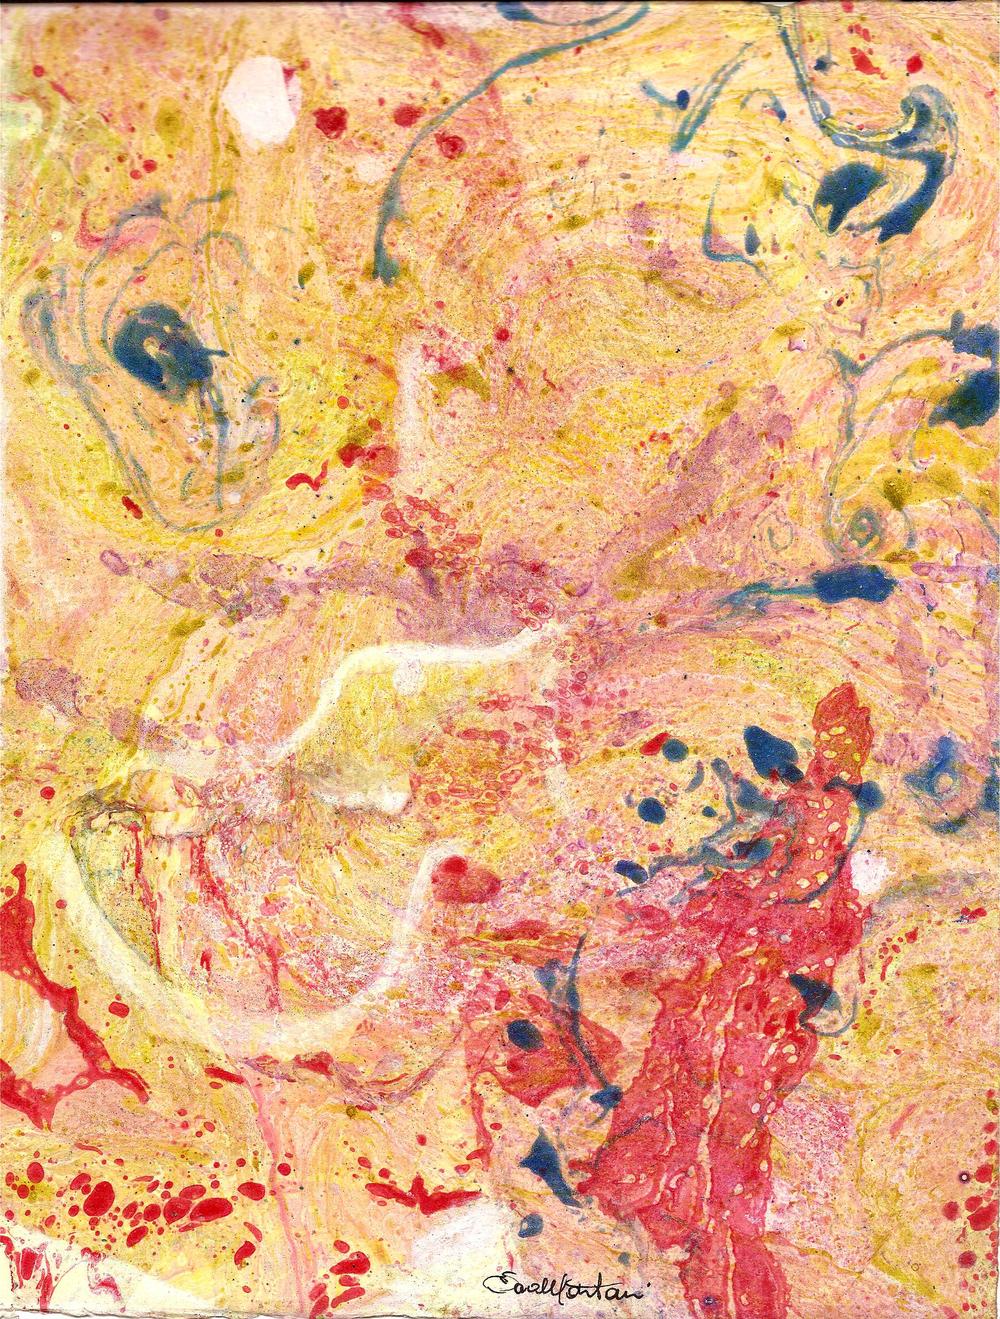 1 bis colori a oli marmorizzazione.jpg